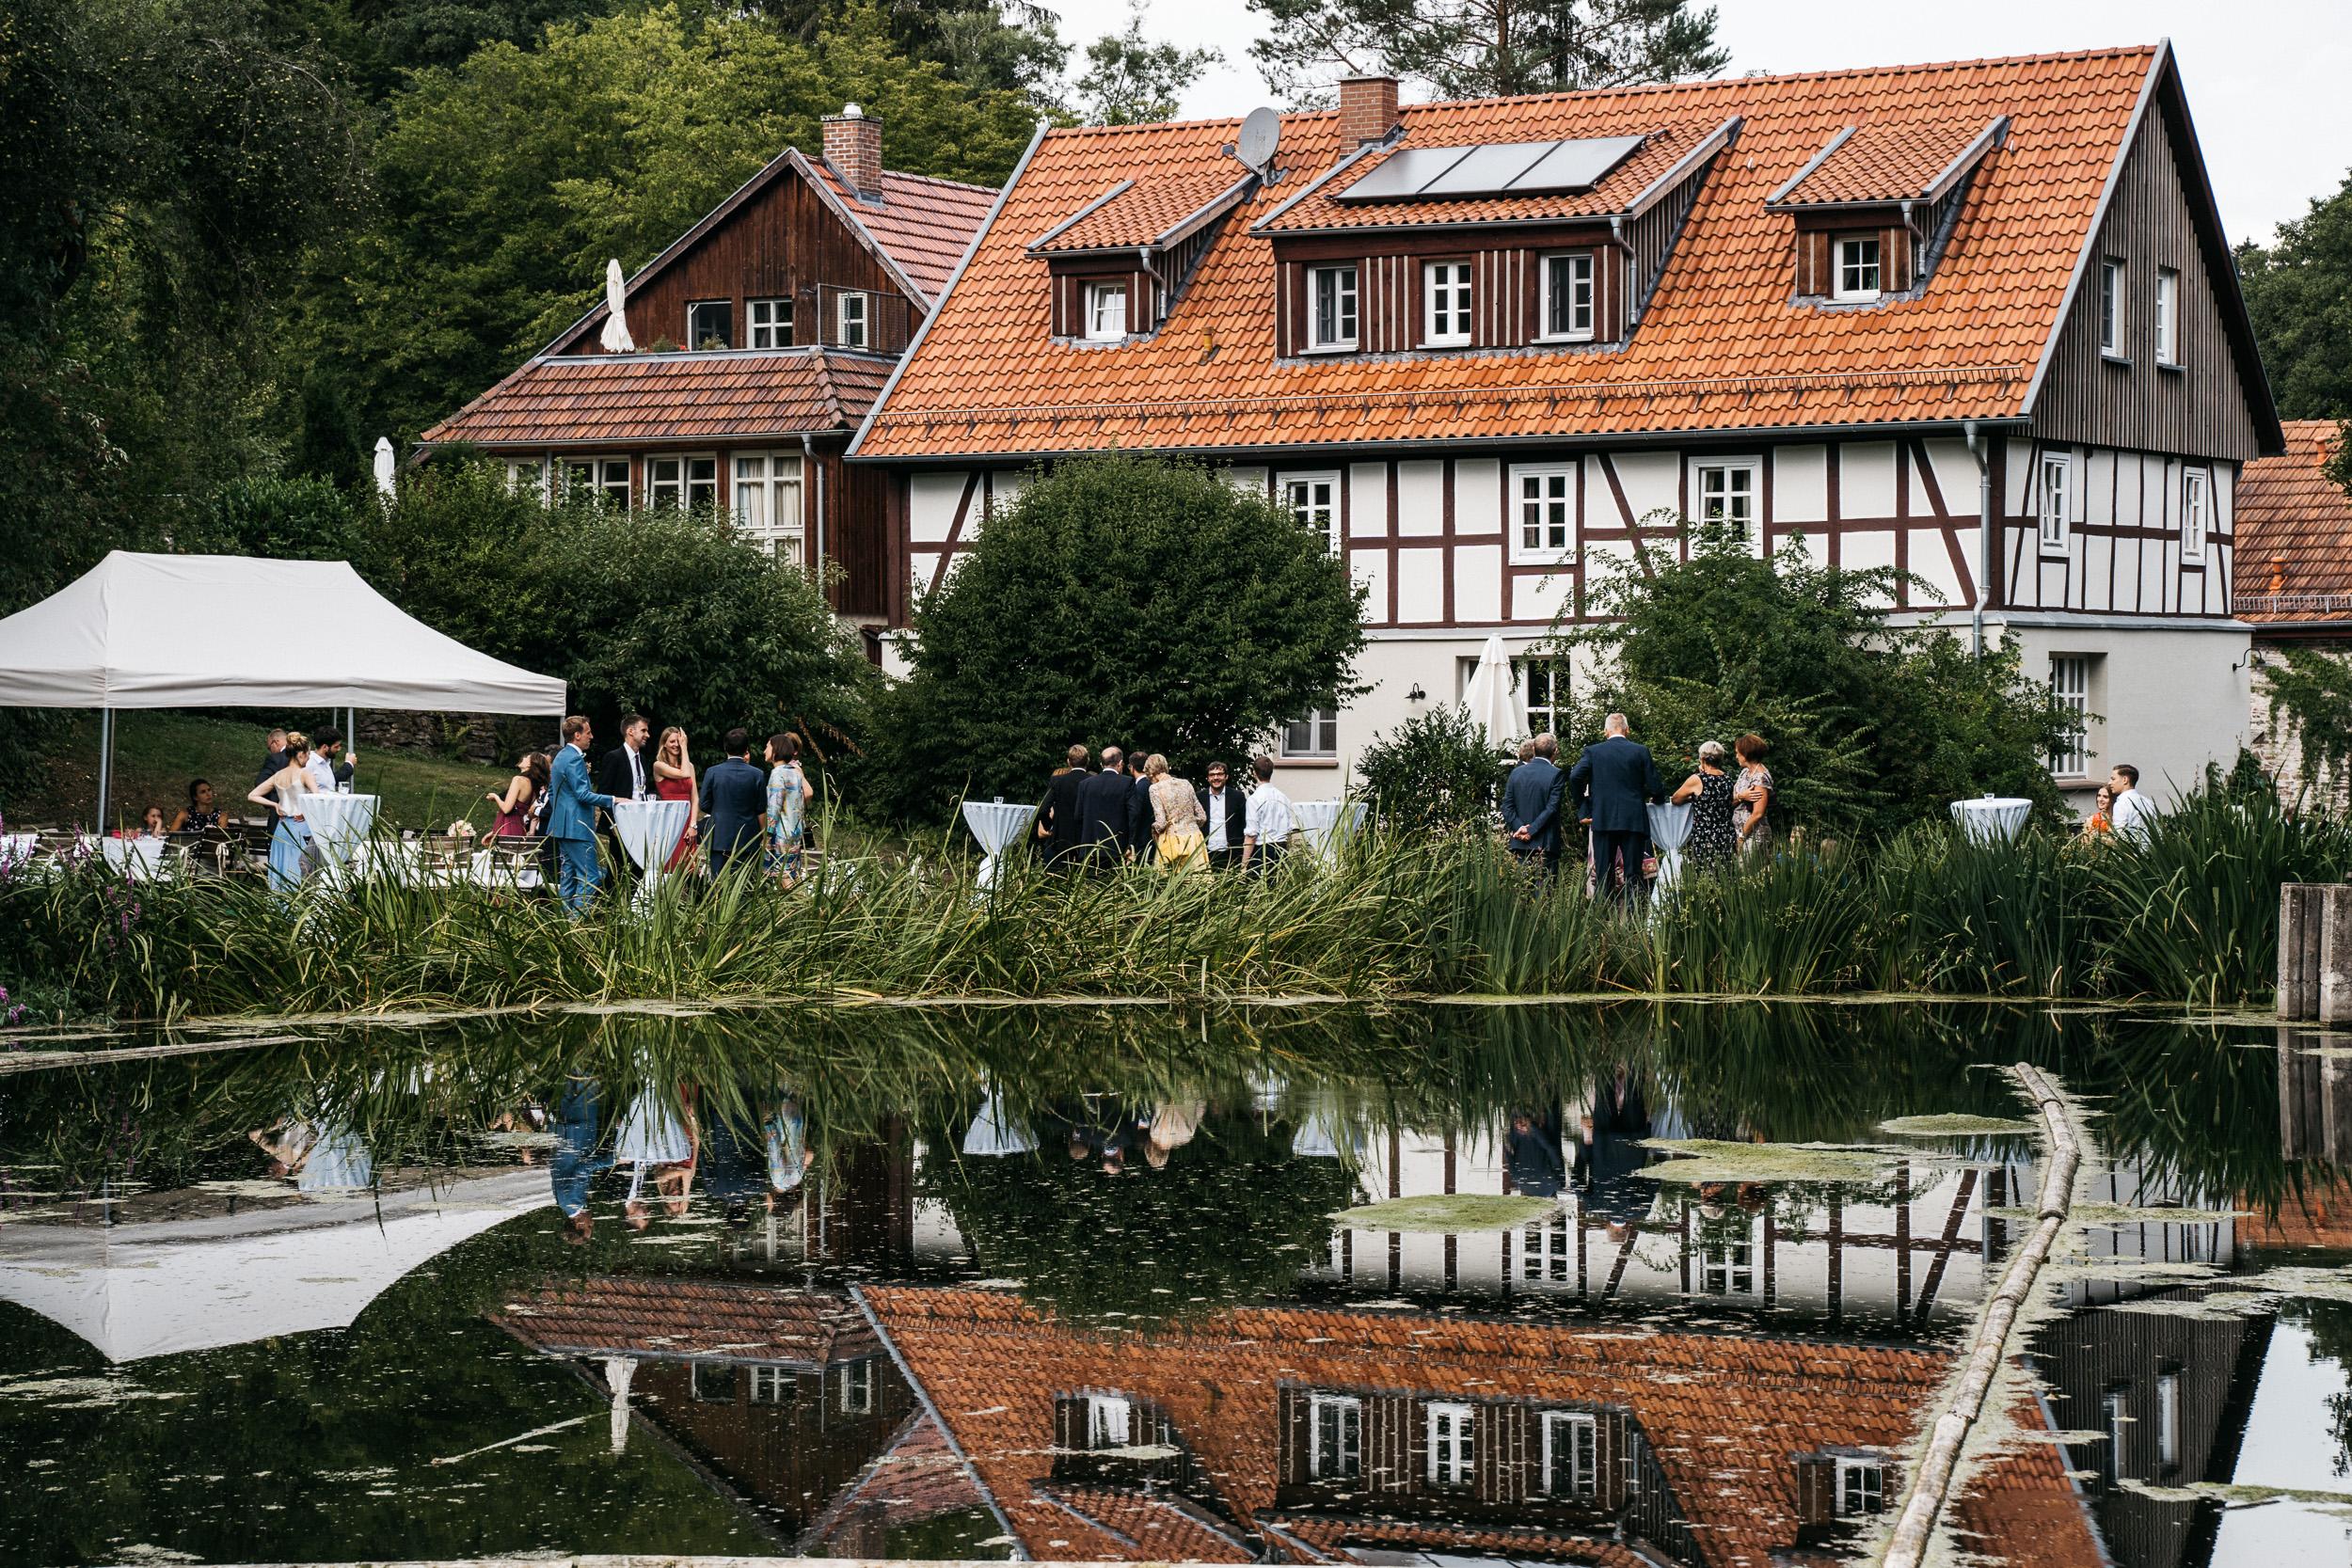 bärenmühle hochzeit 40 - Bärenmühle Frankenberg